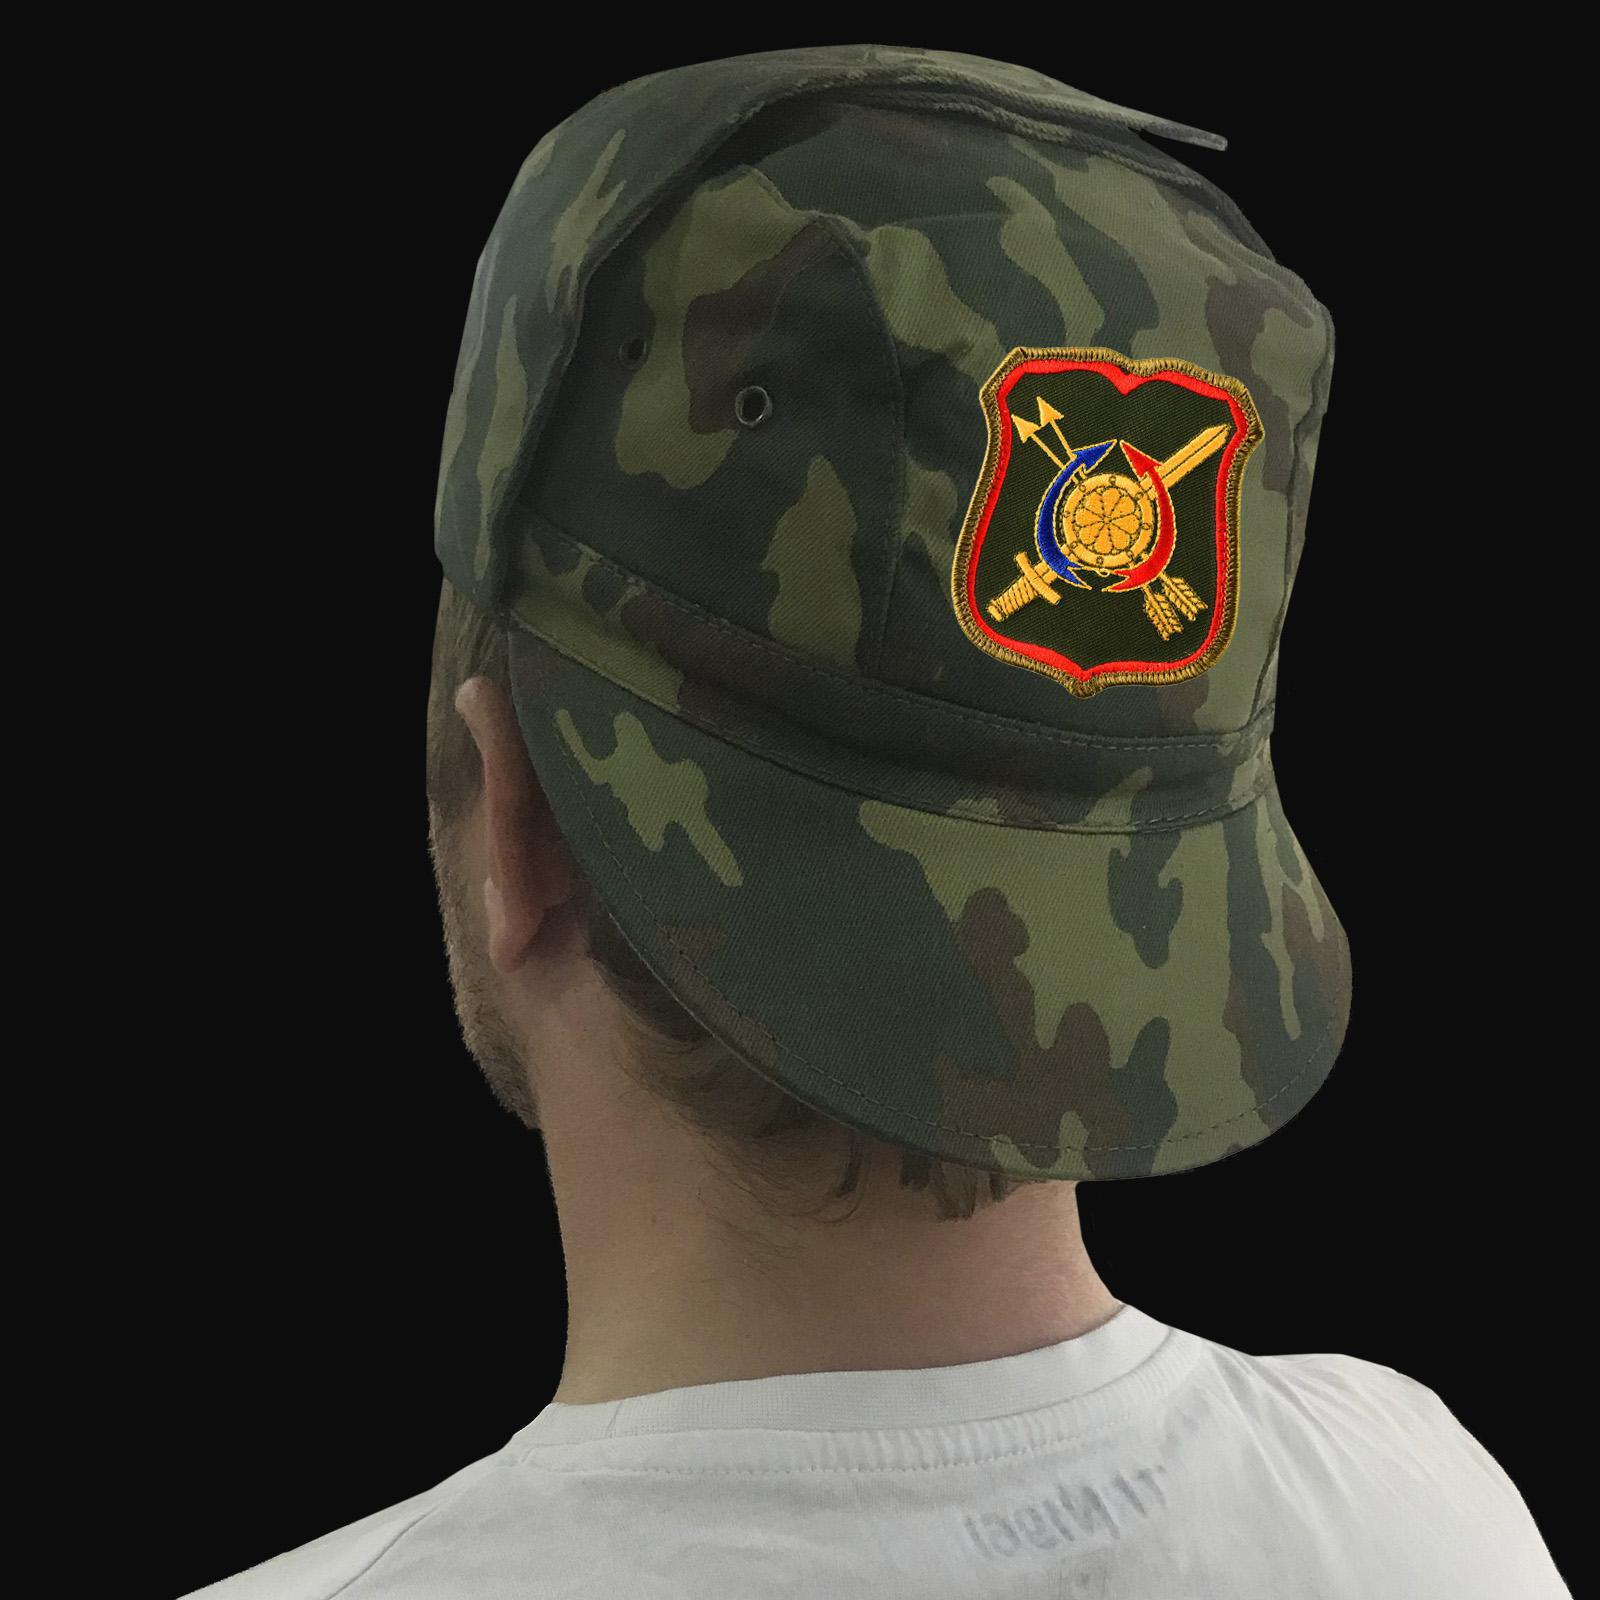 Продажа кепок и бейсболок с вышитой символикой РВСН